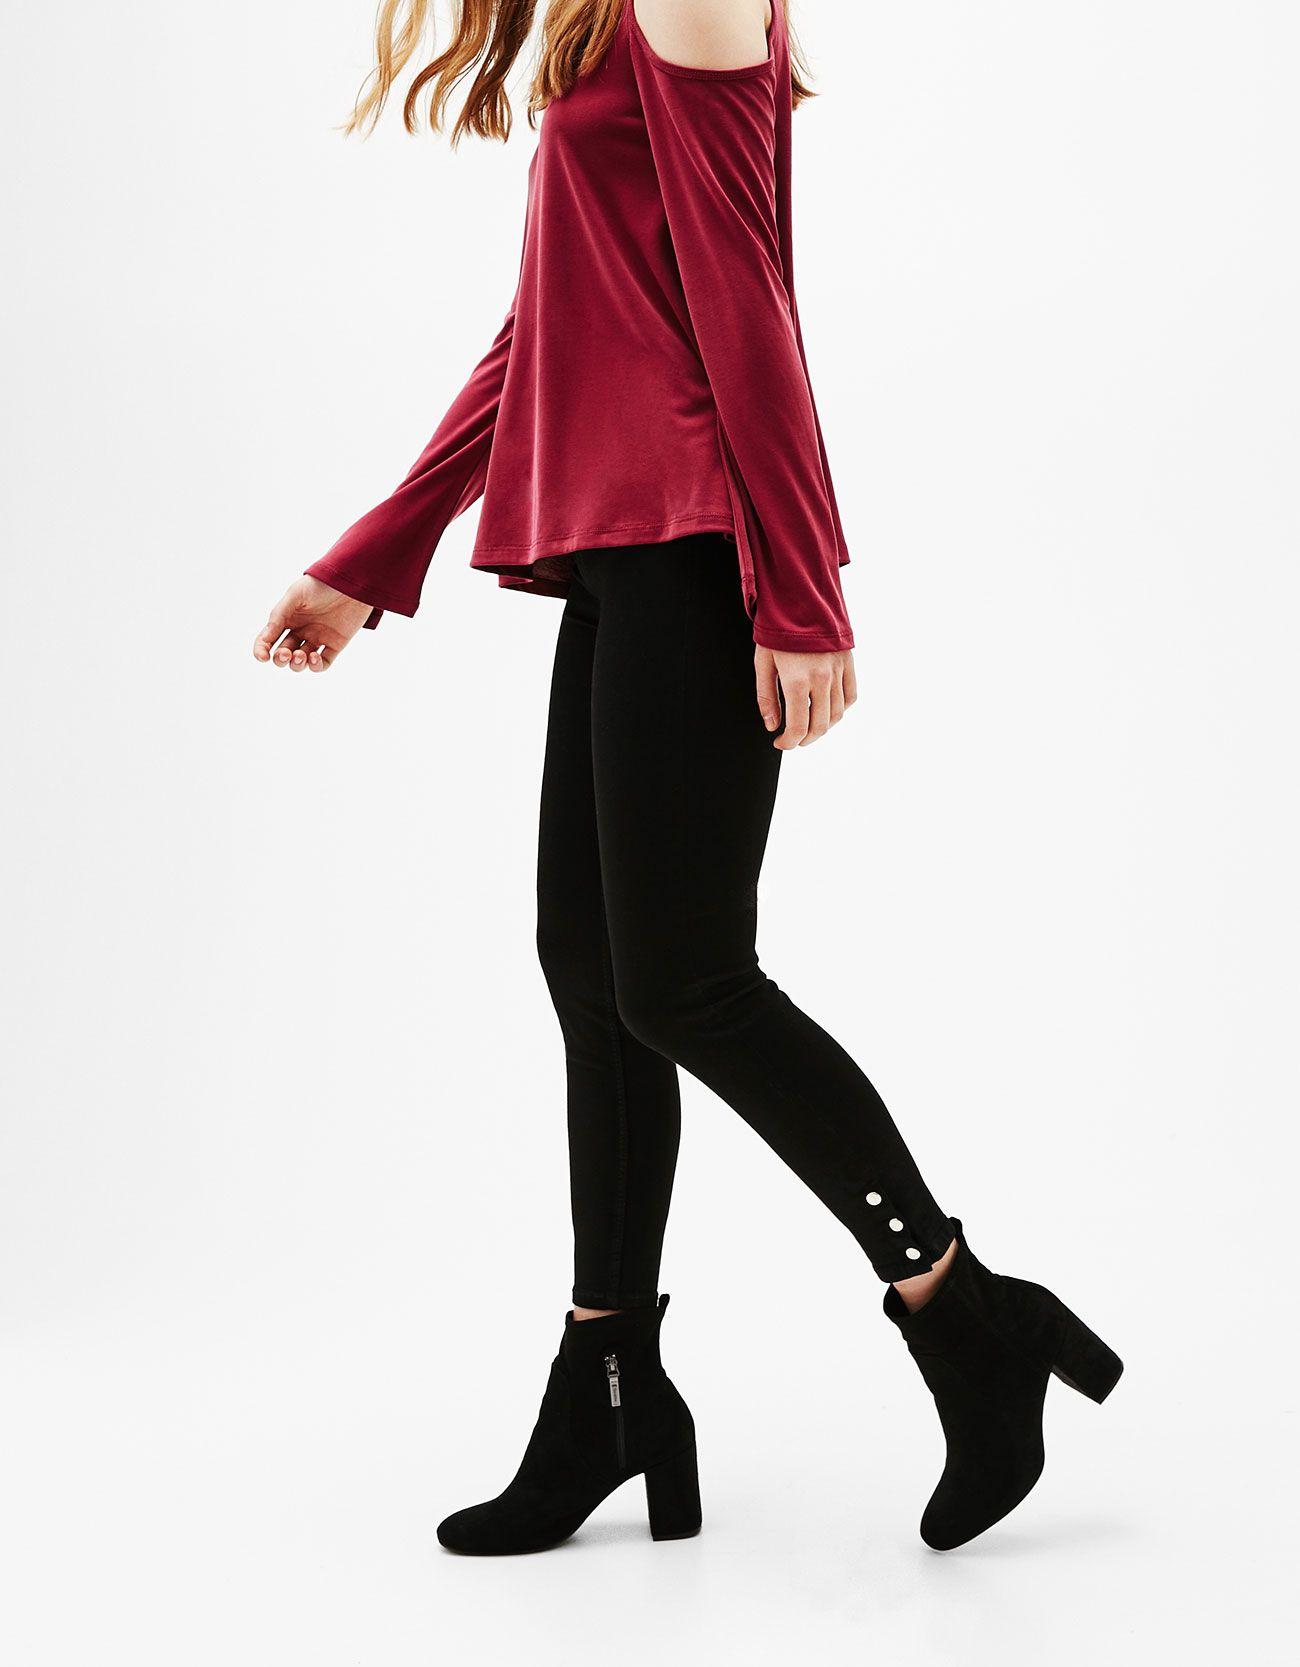 Pantalón skinny cropped promodal corchetes en bajos. Descubre ésta y muchas otras prendas en Bershka con nuevos productos cada semana